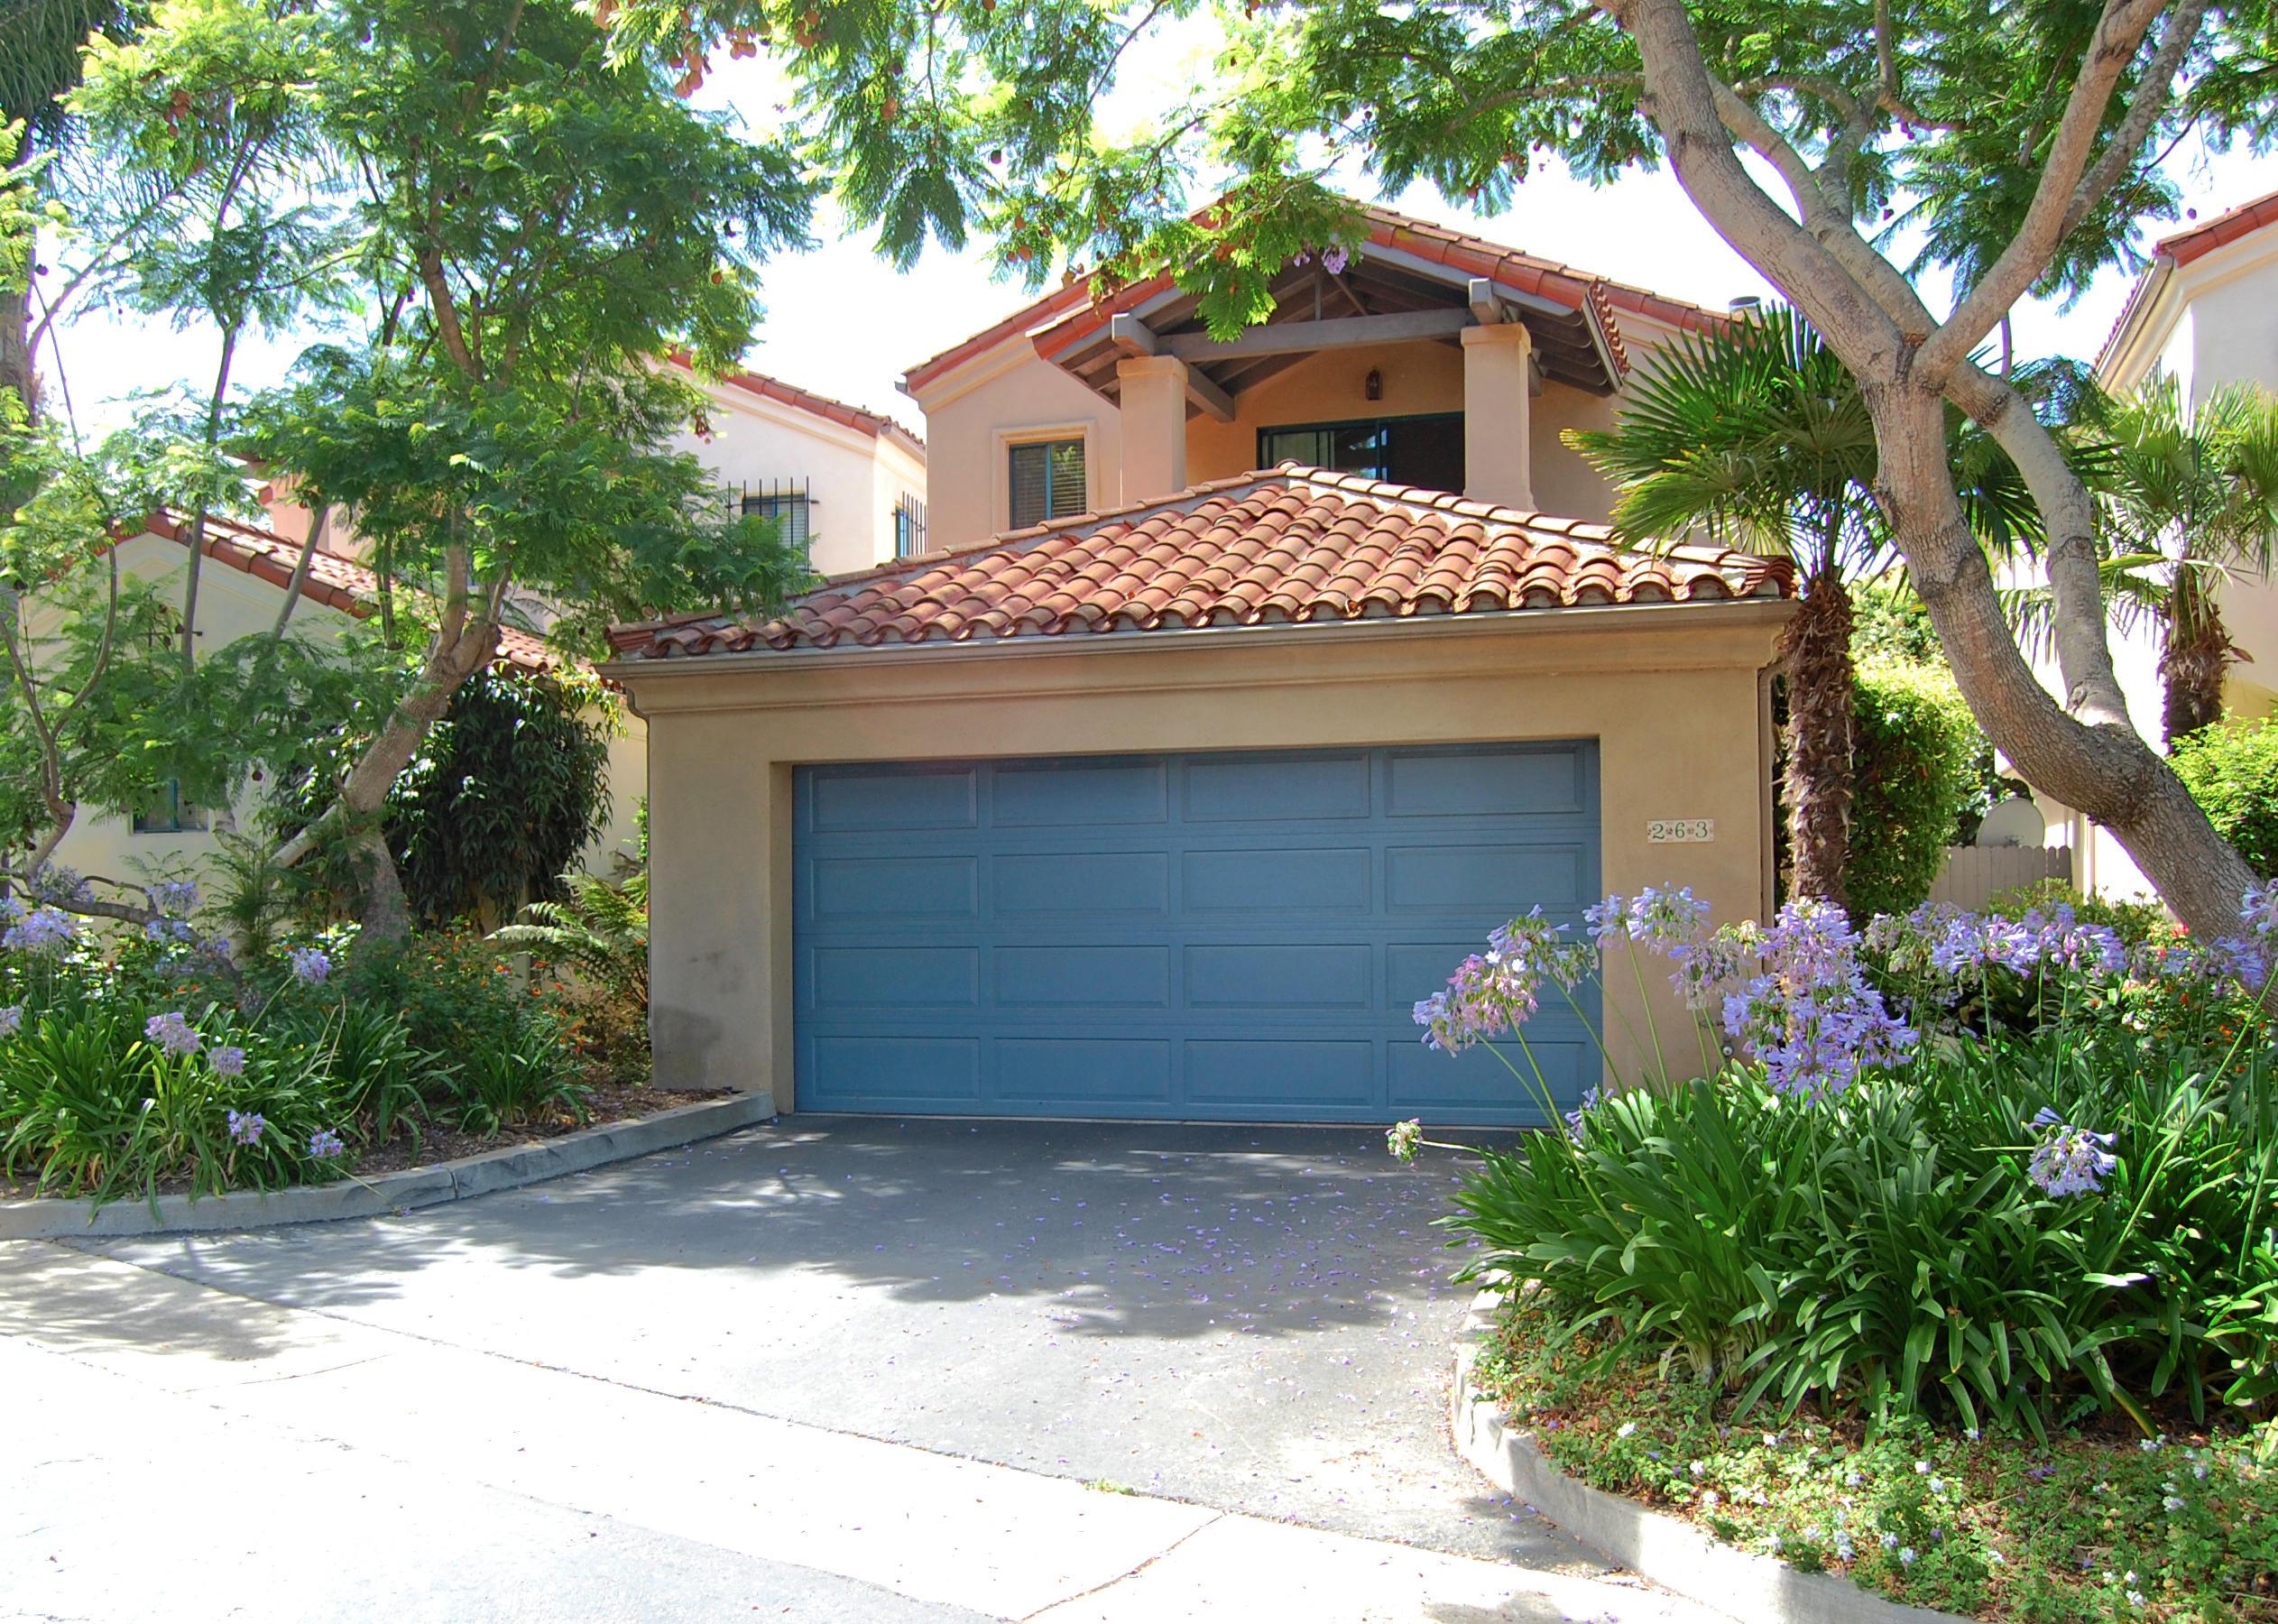 Property photo for 263 Calle Esperanza Santa Barbara, California 93105 - 14-2144